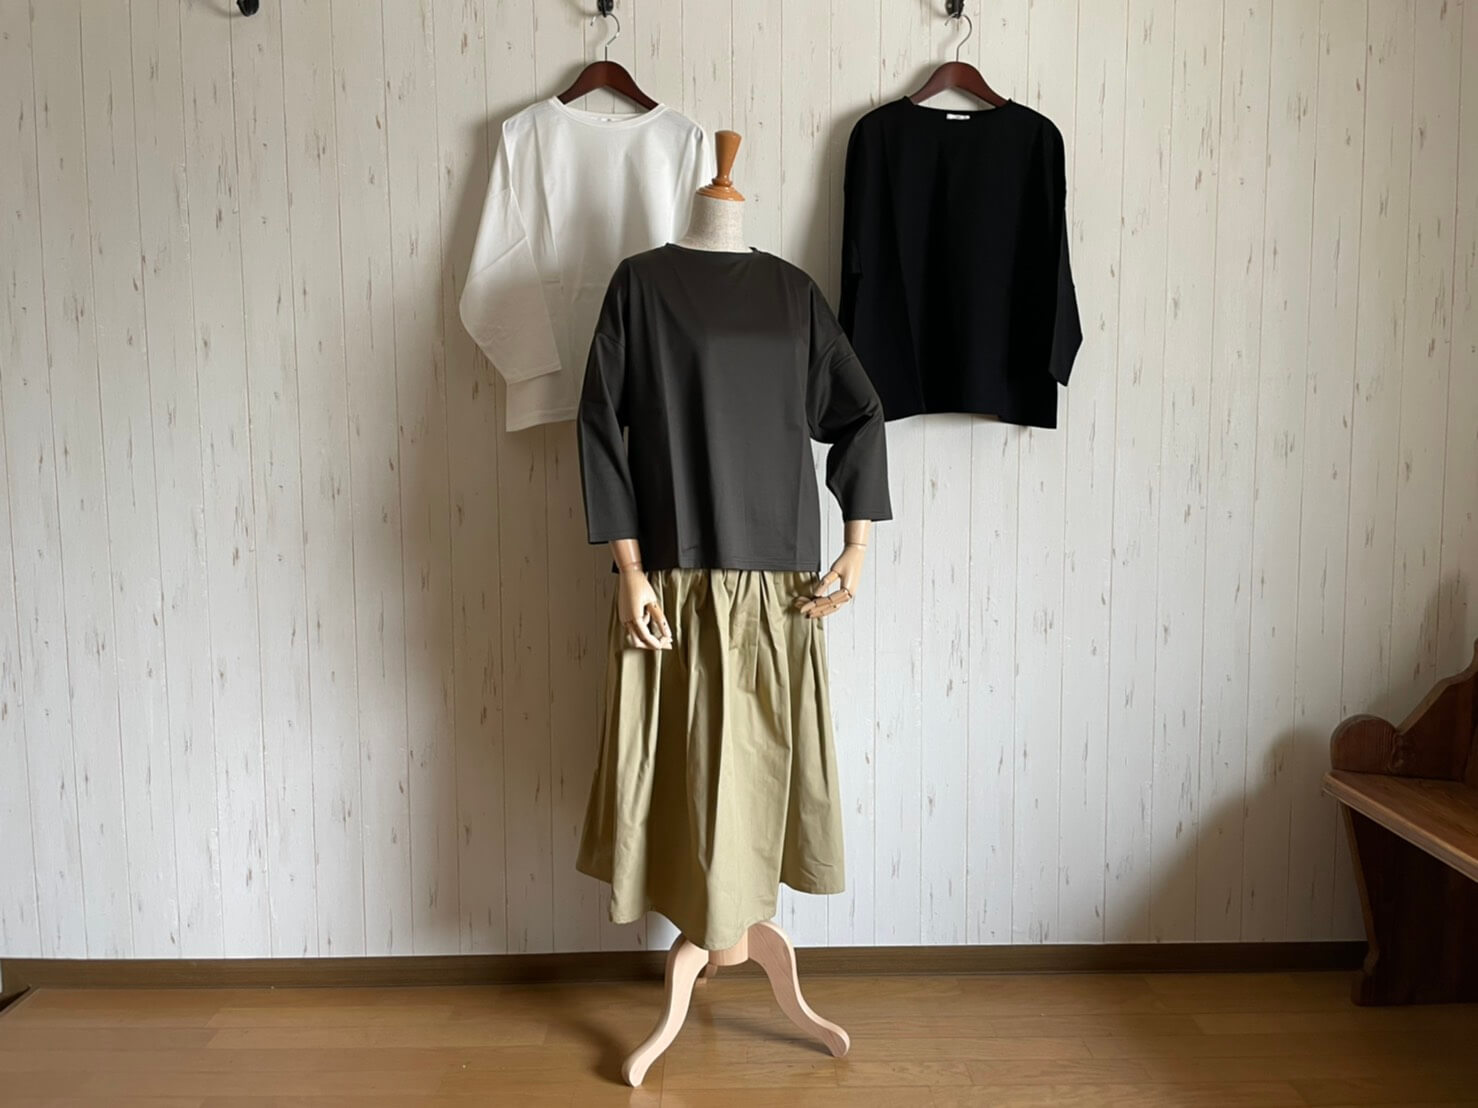 GLAZ Three-quarter sleeve T-shirt ミヌレ天竺七分袖Tシャツ